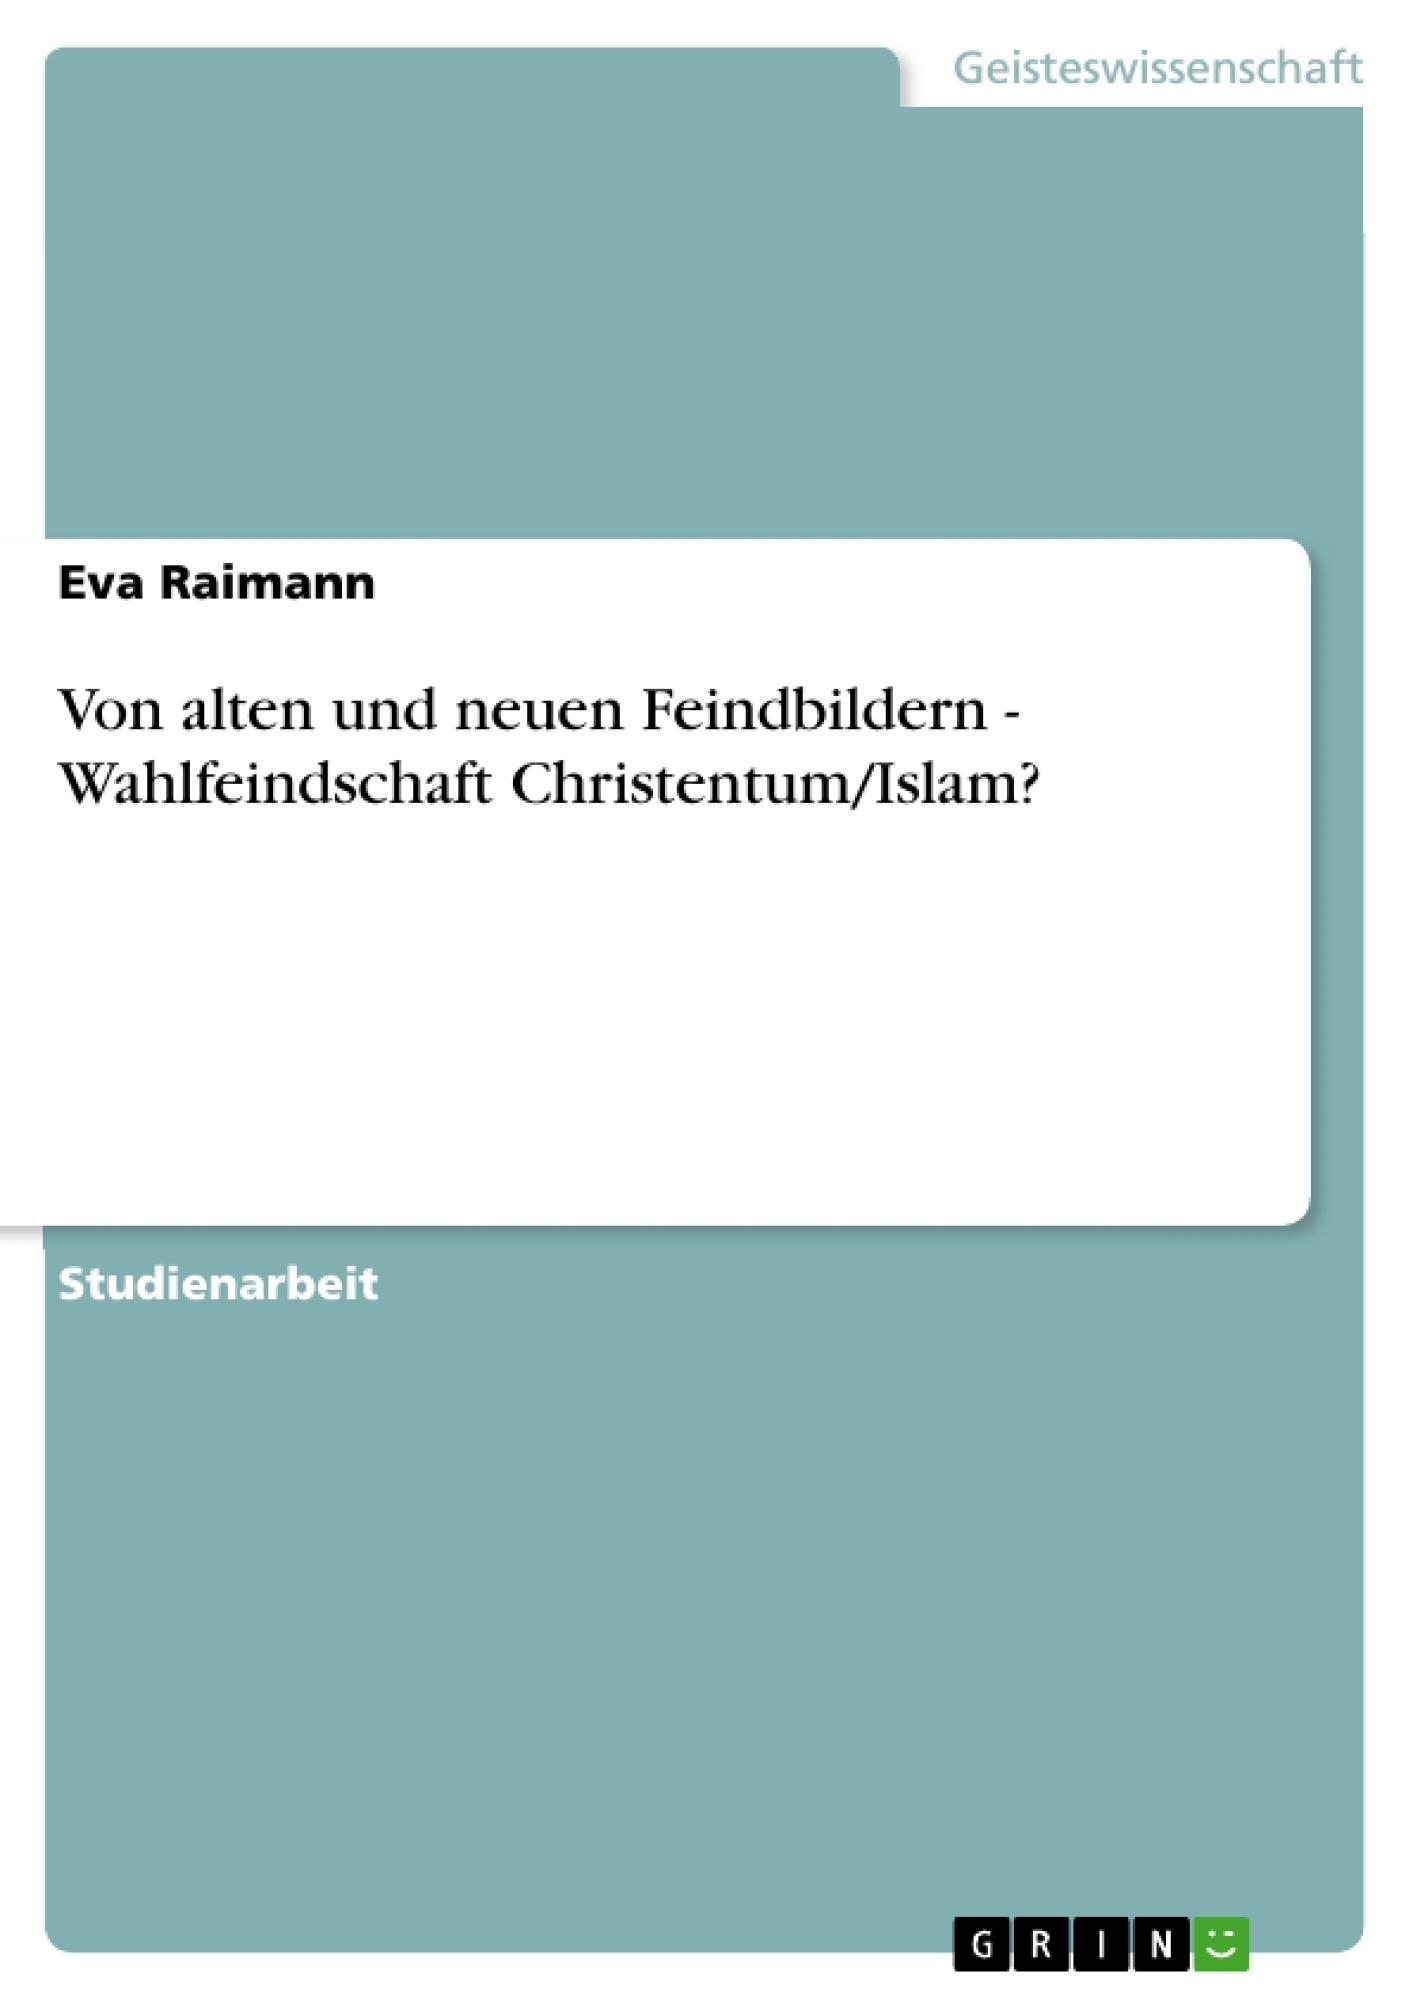 Titel: Von alten und neuen Feindbildern - Wahlfeindschaft Christentum/Islam?